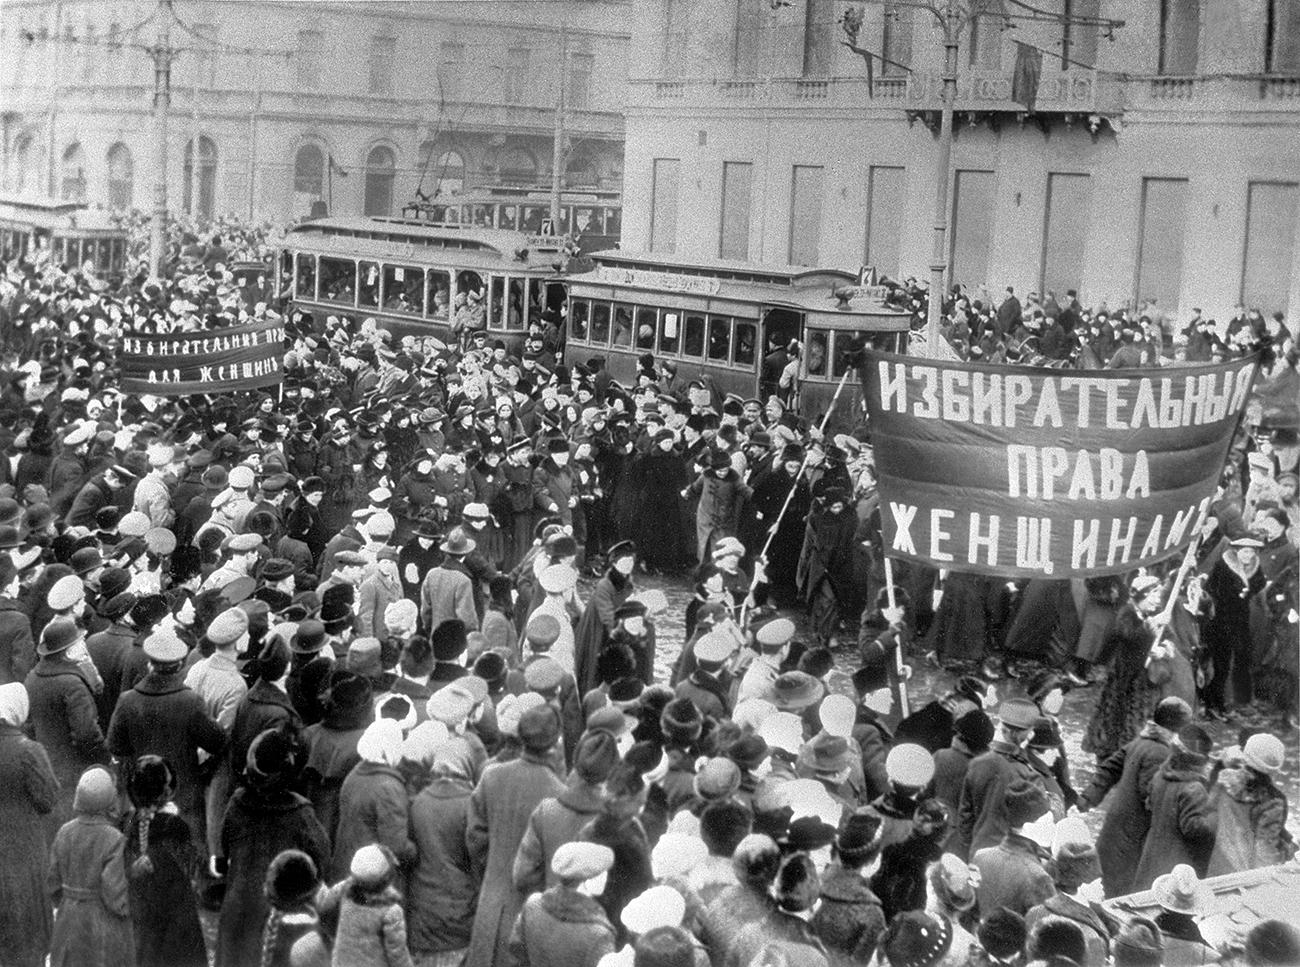 Frauen demonstrieren für ihr Stimmrecht – eine von vielen Protestaktionen während der Februarrevolution 1917 in Petrograd.